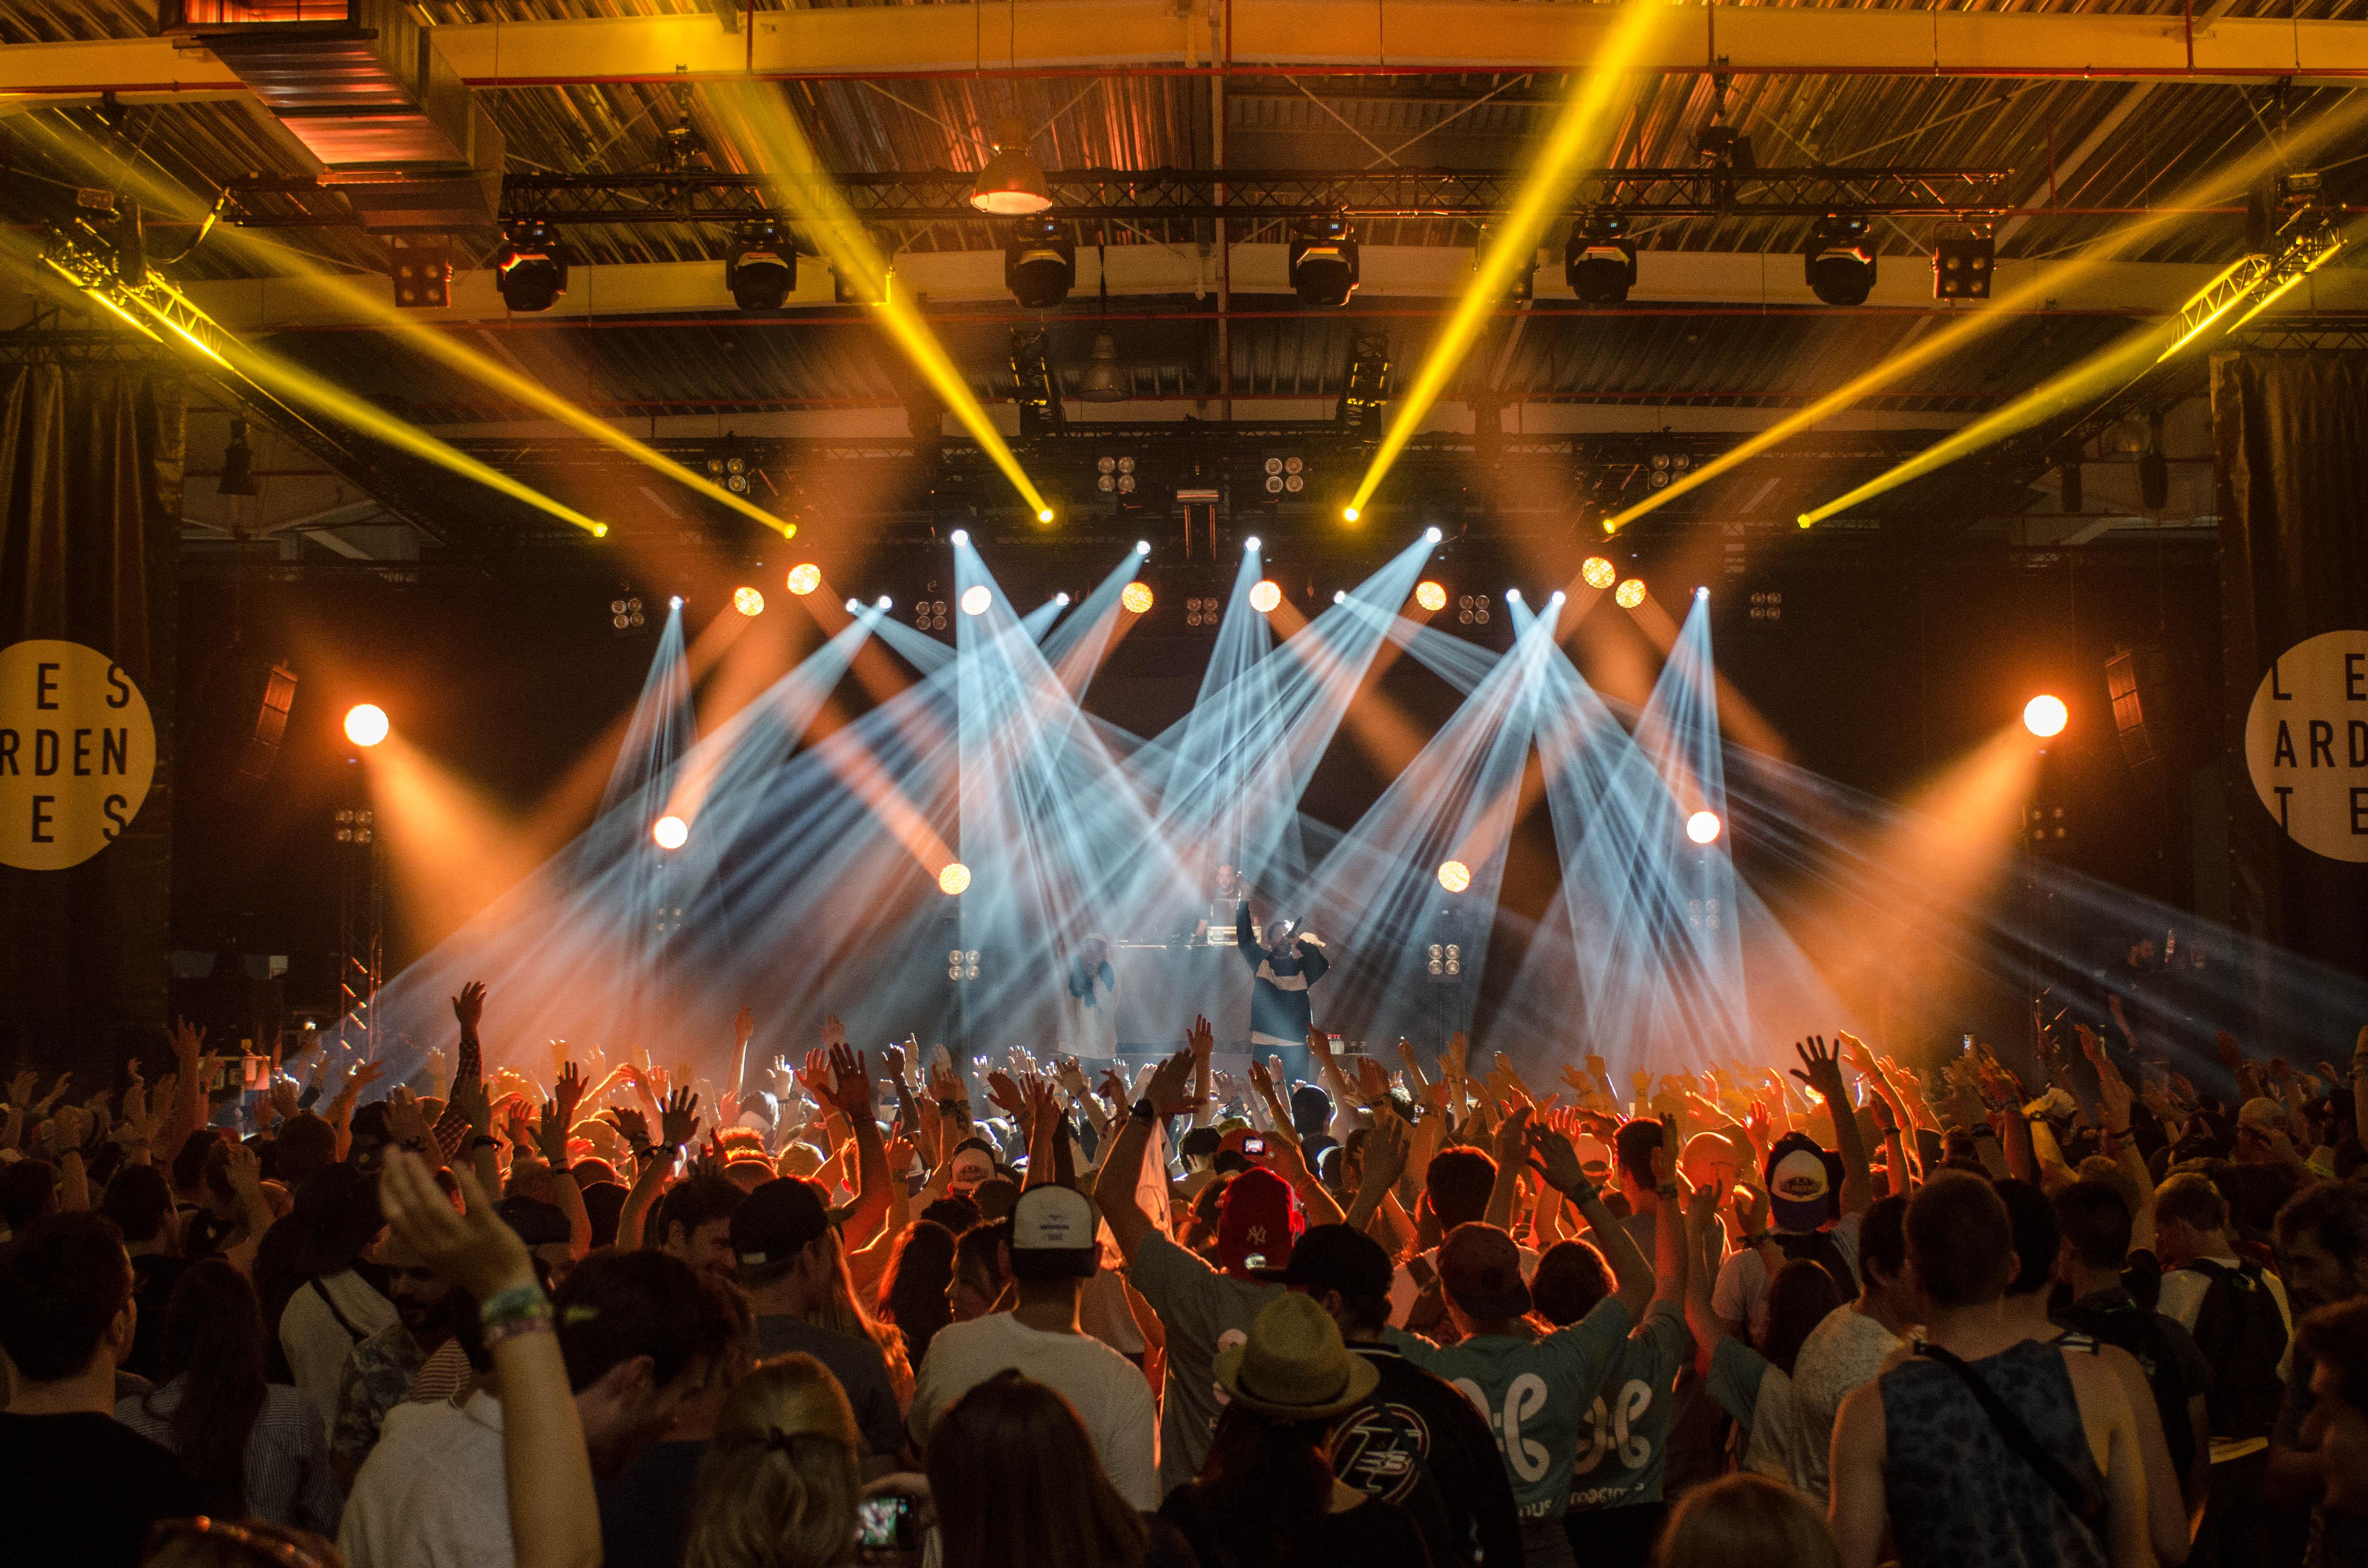 laser show at concert